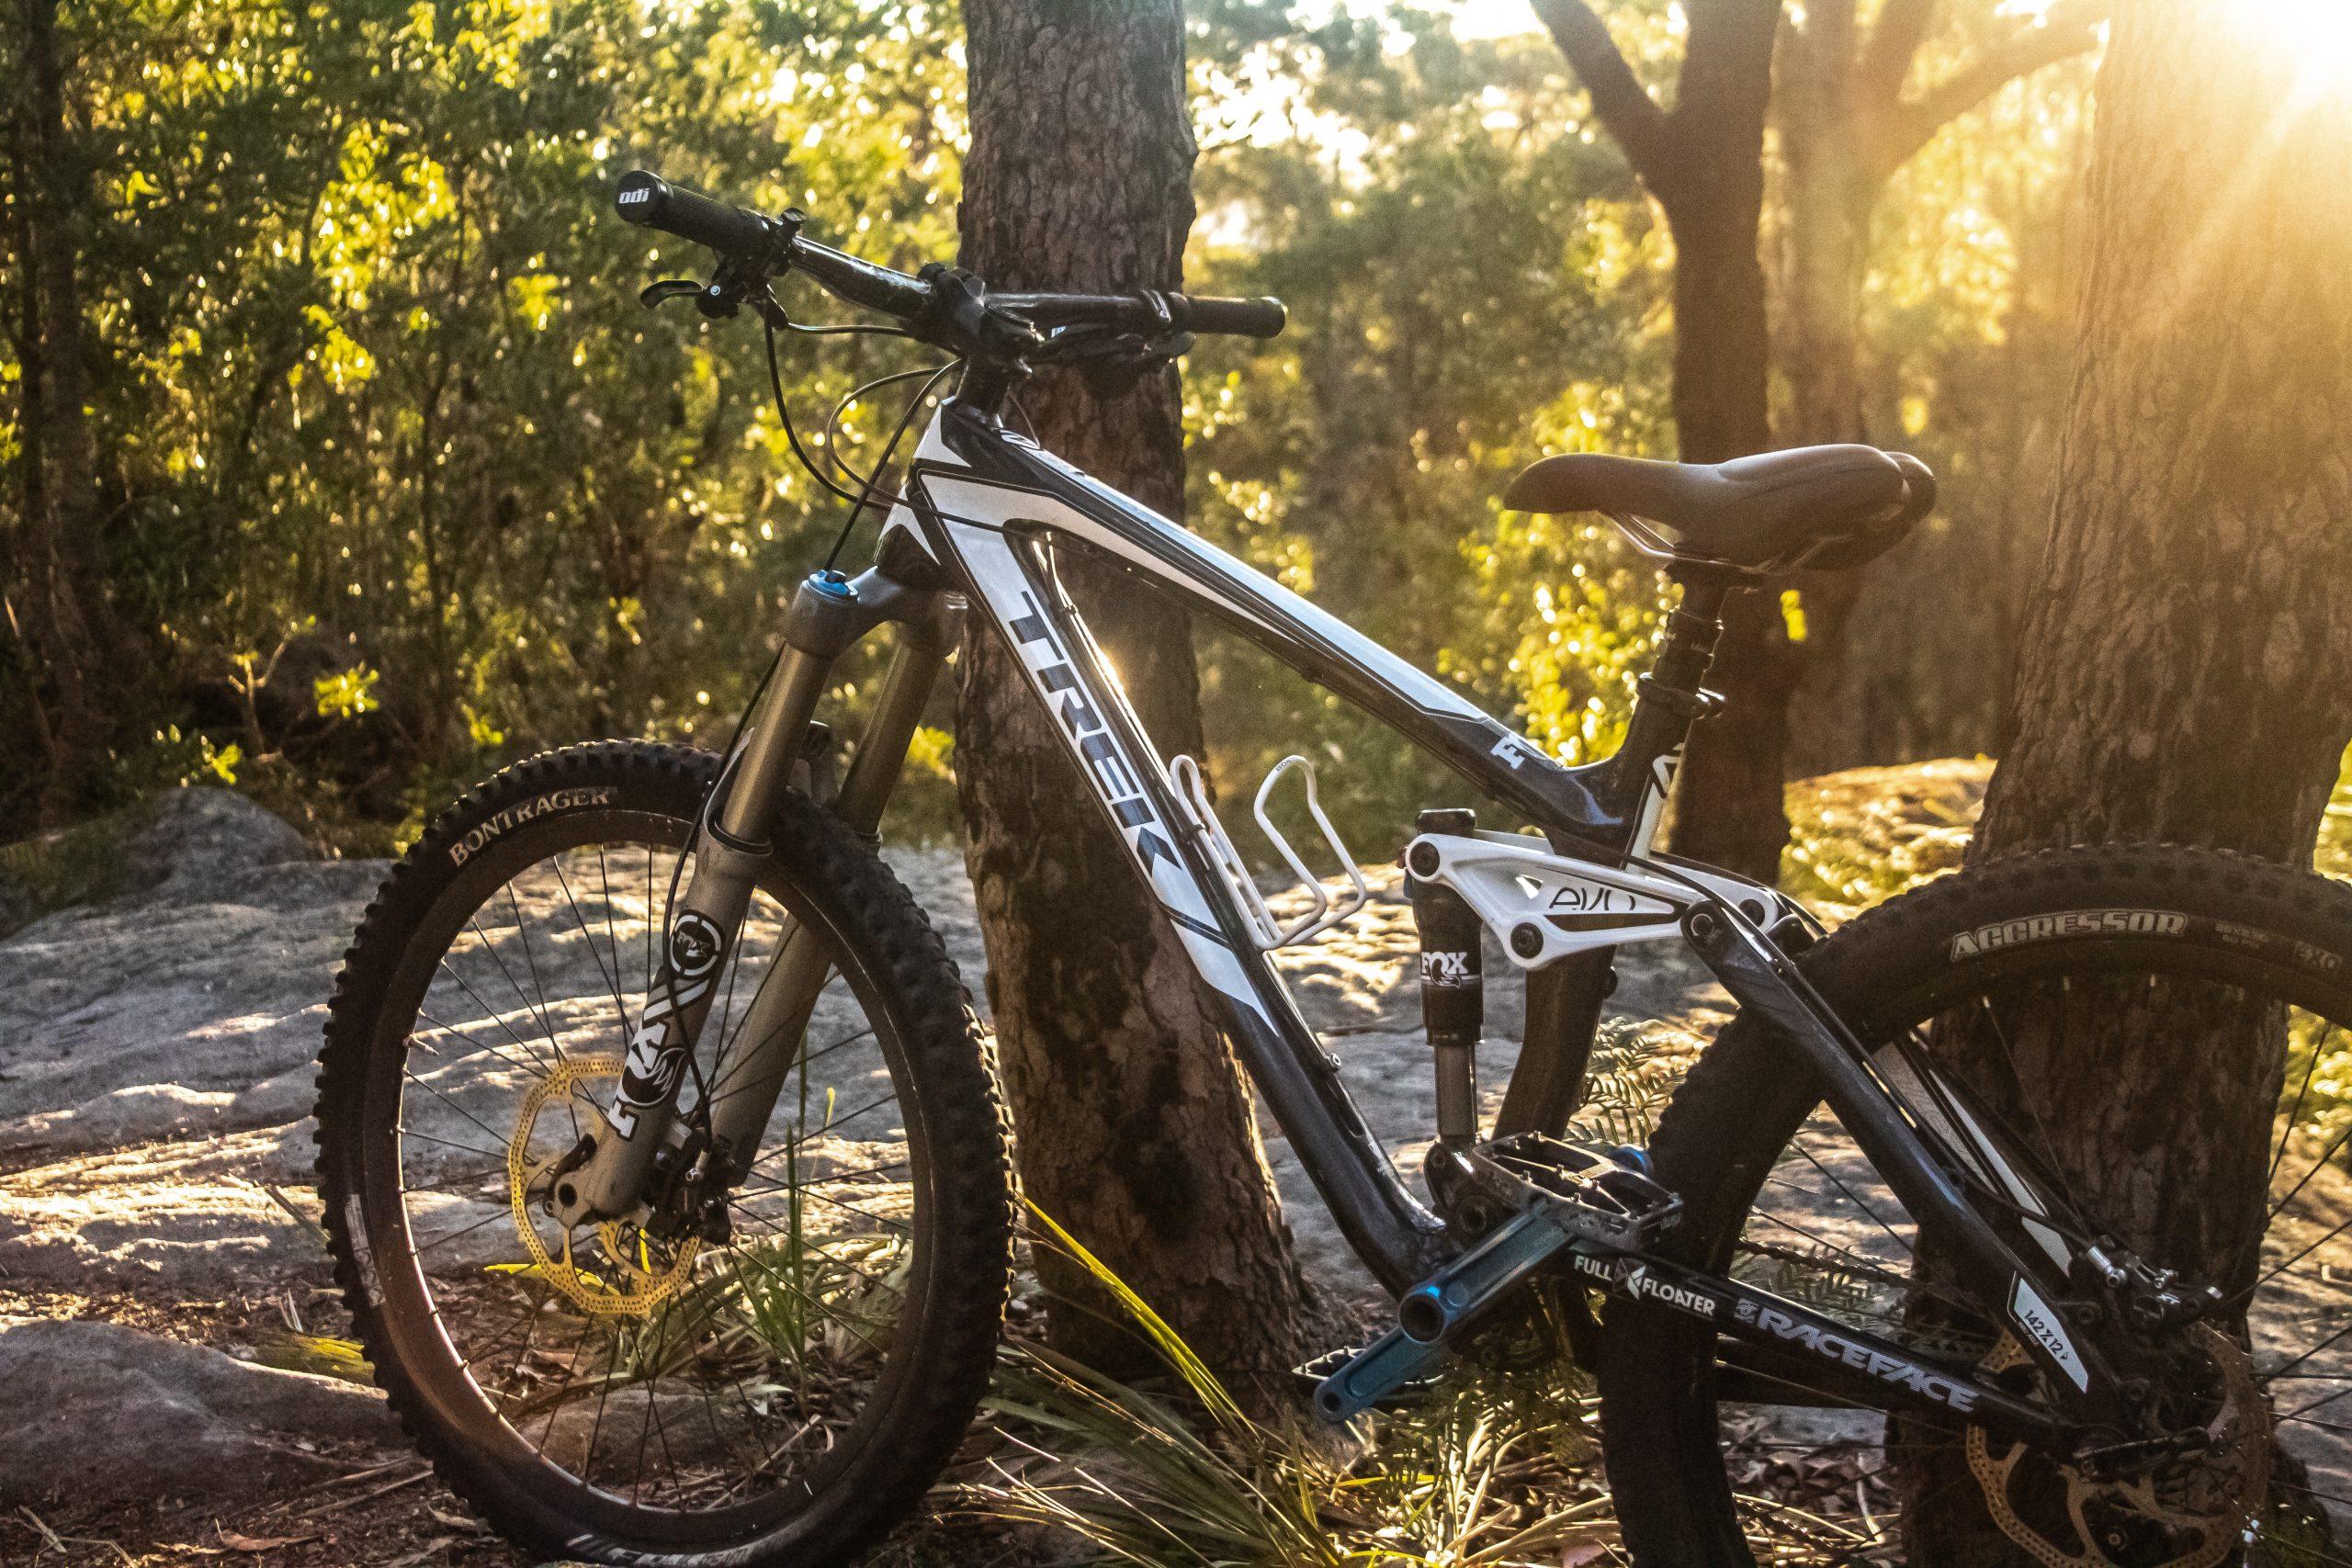 Miglior mountain bike 2020: Guida all'acquisto